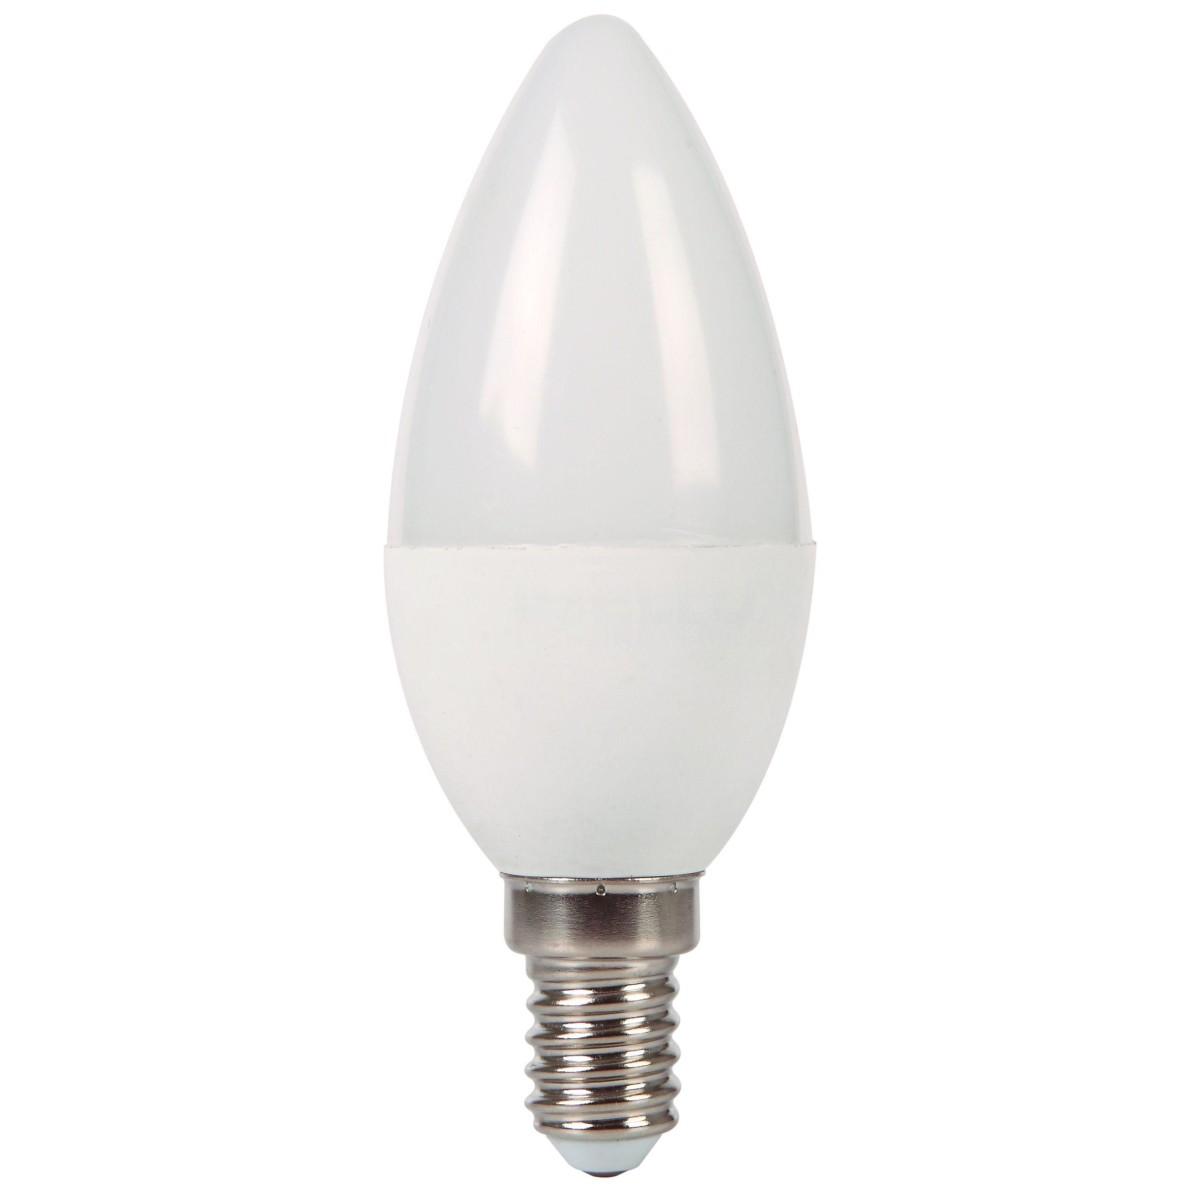 Лампа Ecola light светодионая E14 6 Вт свеча 480 Лм теплый свет